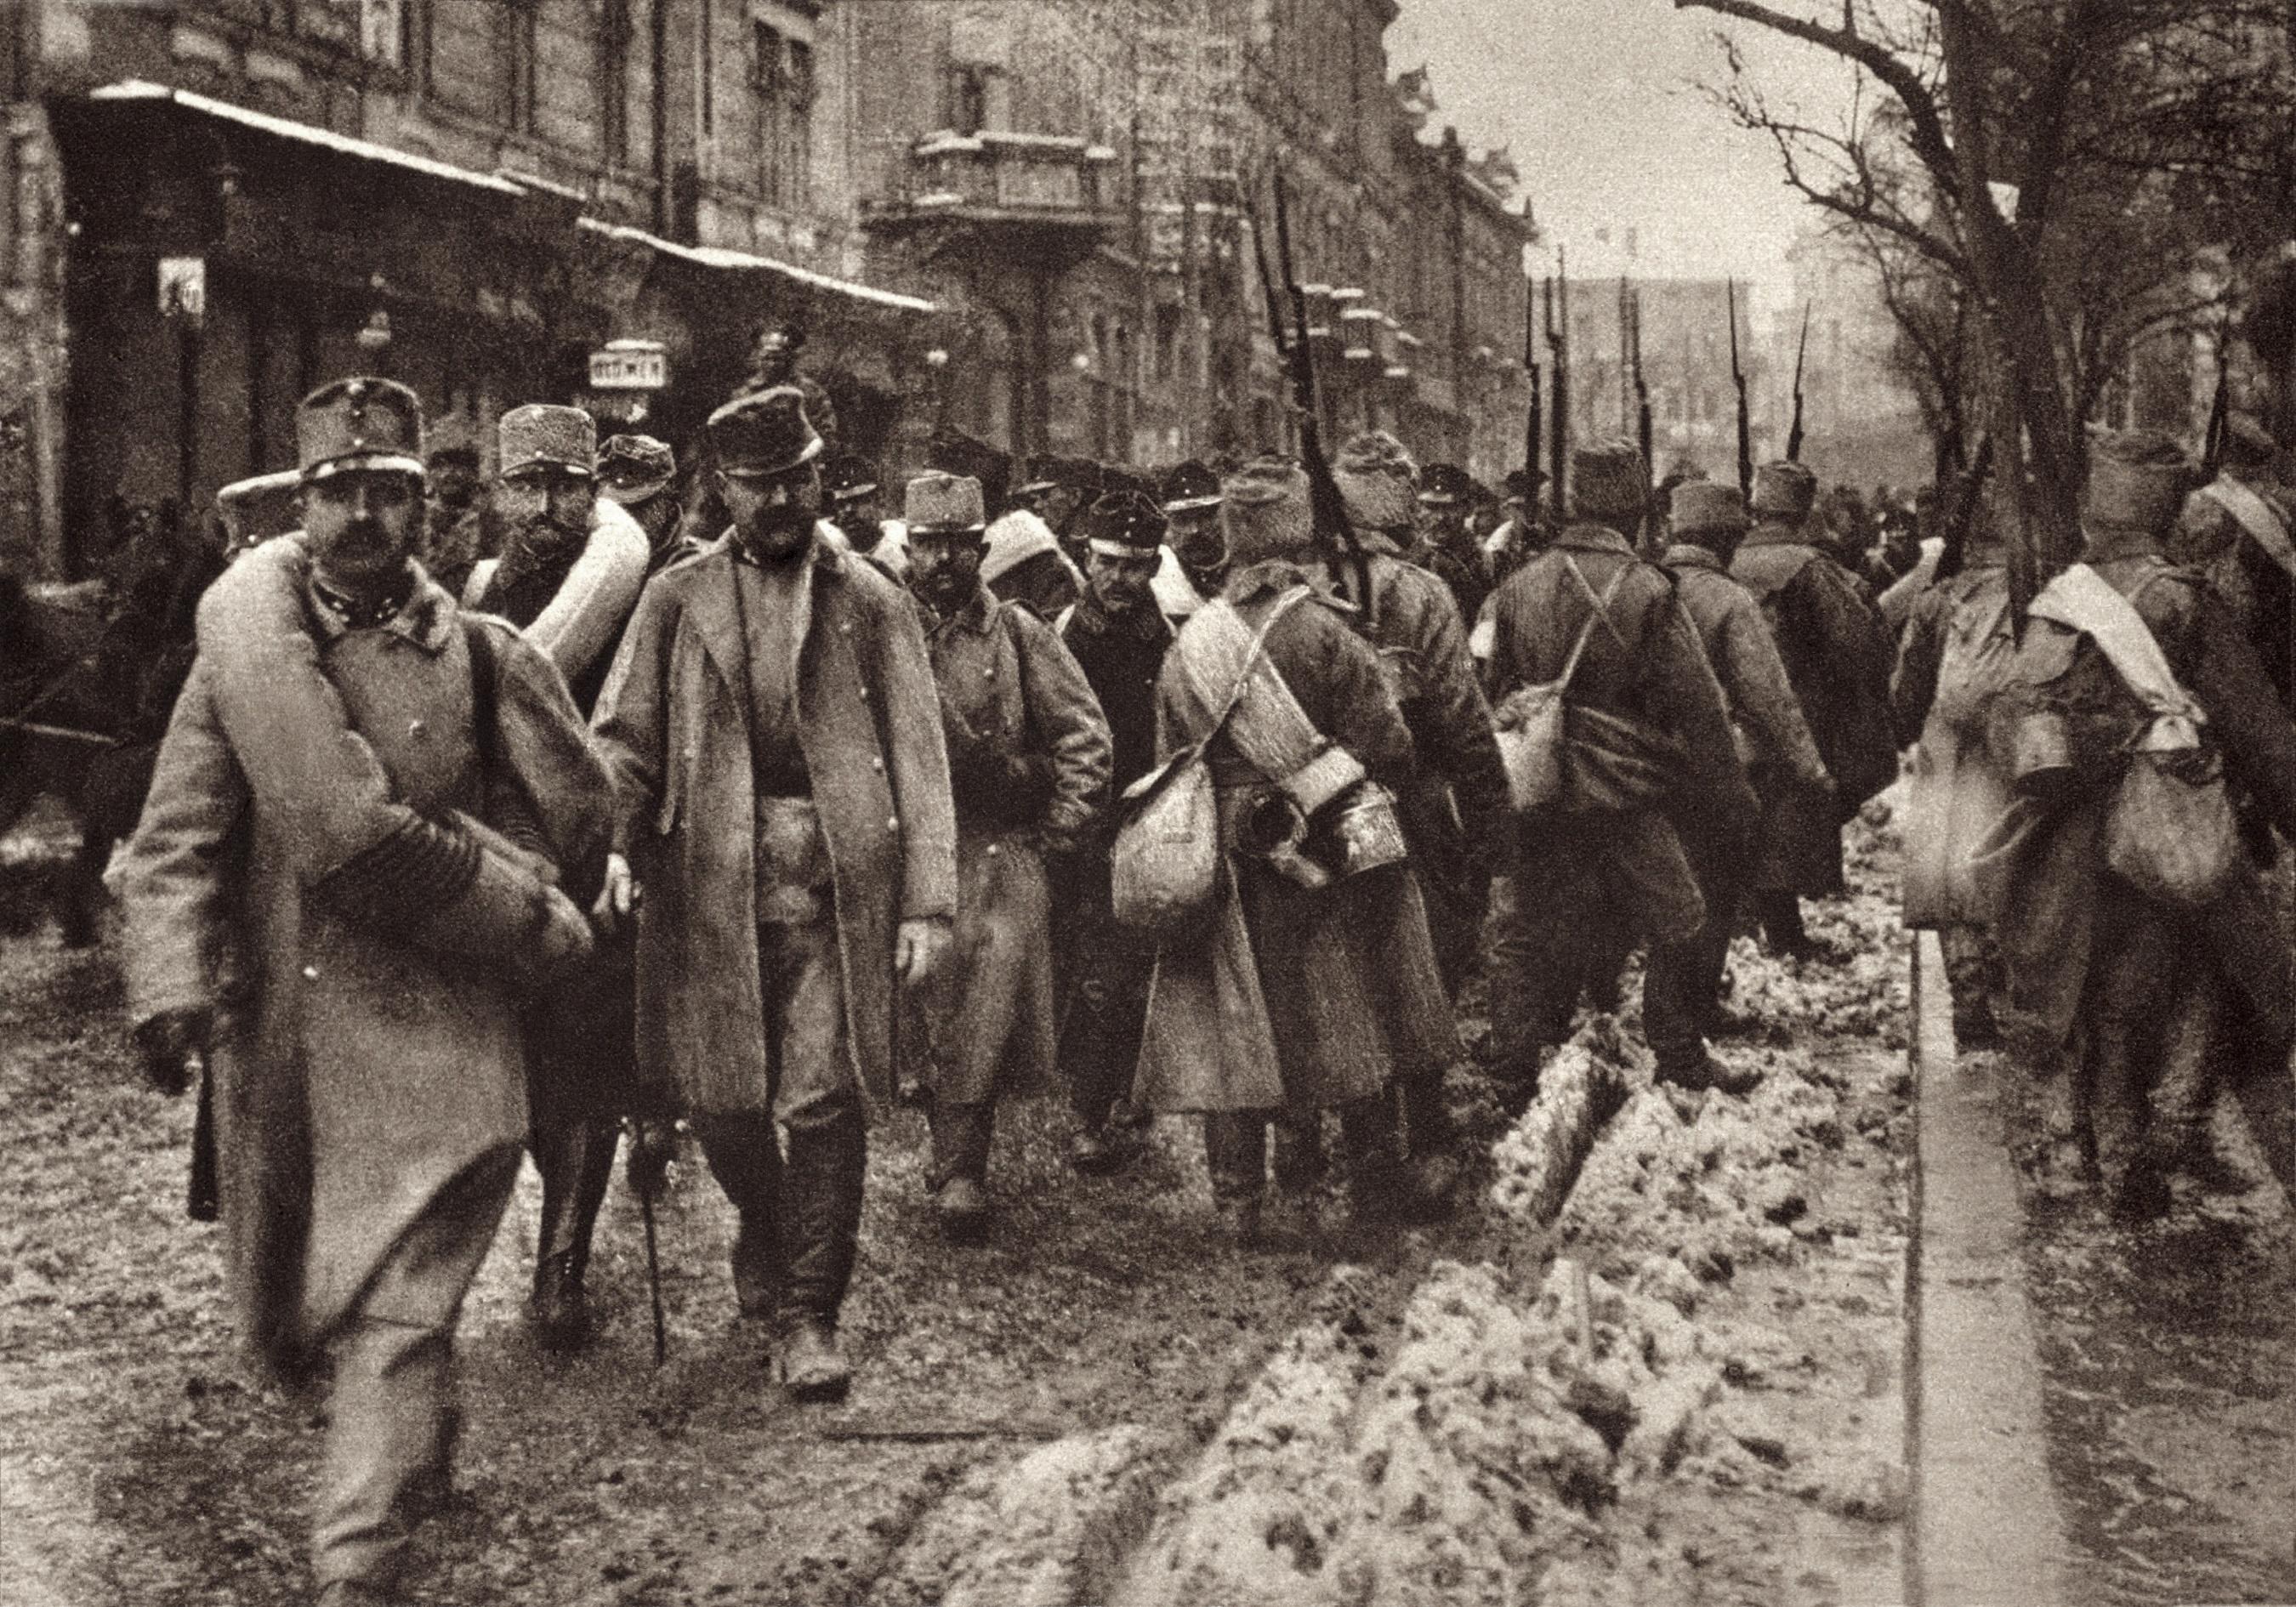 صورة تعود لأيام الحرب العالمية الأولى